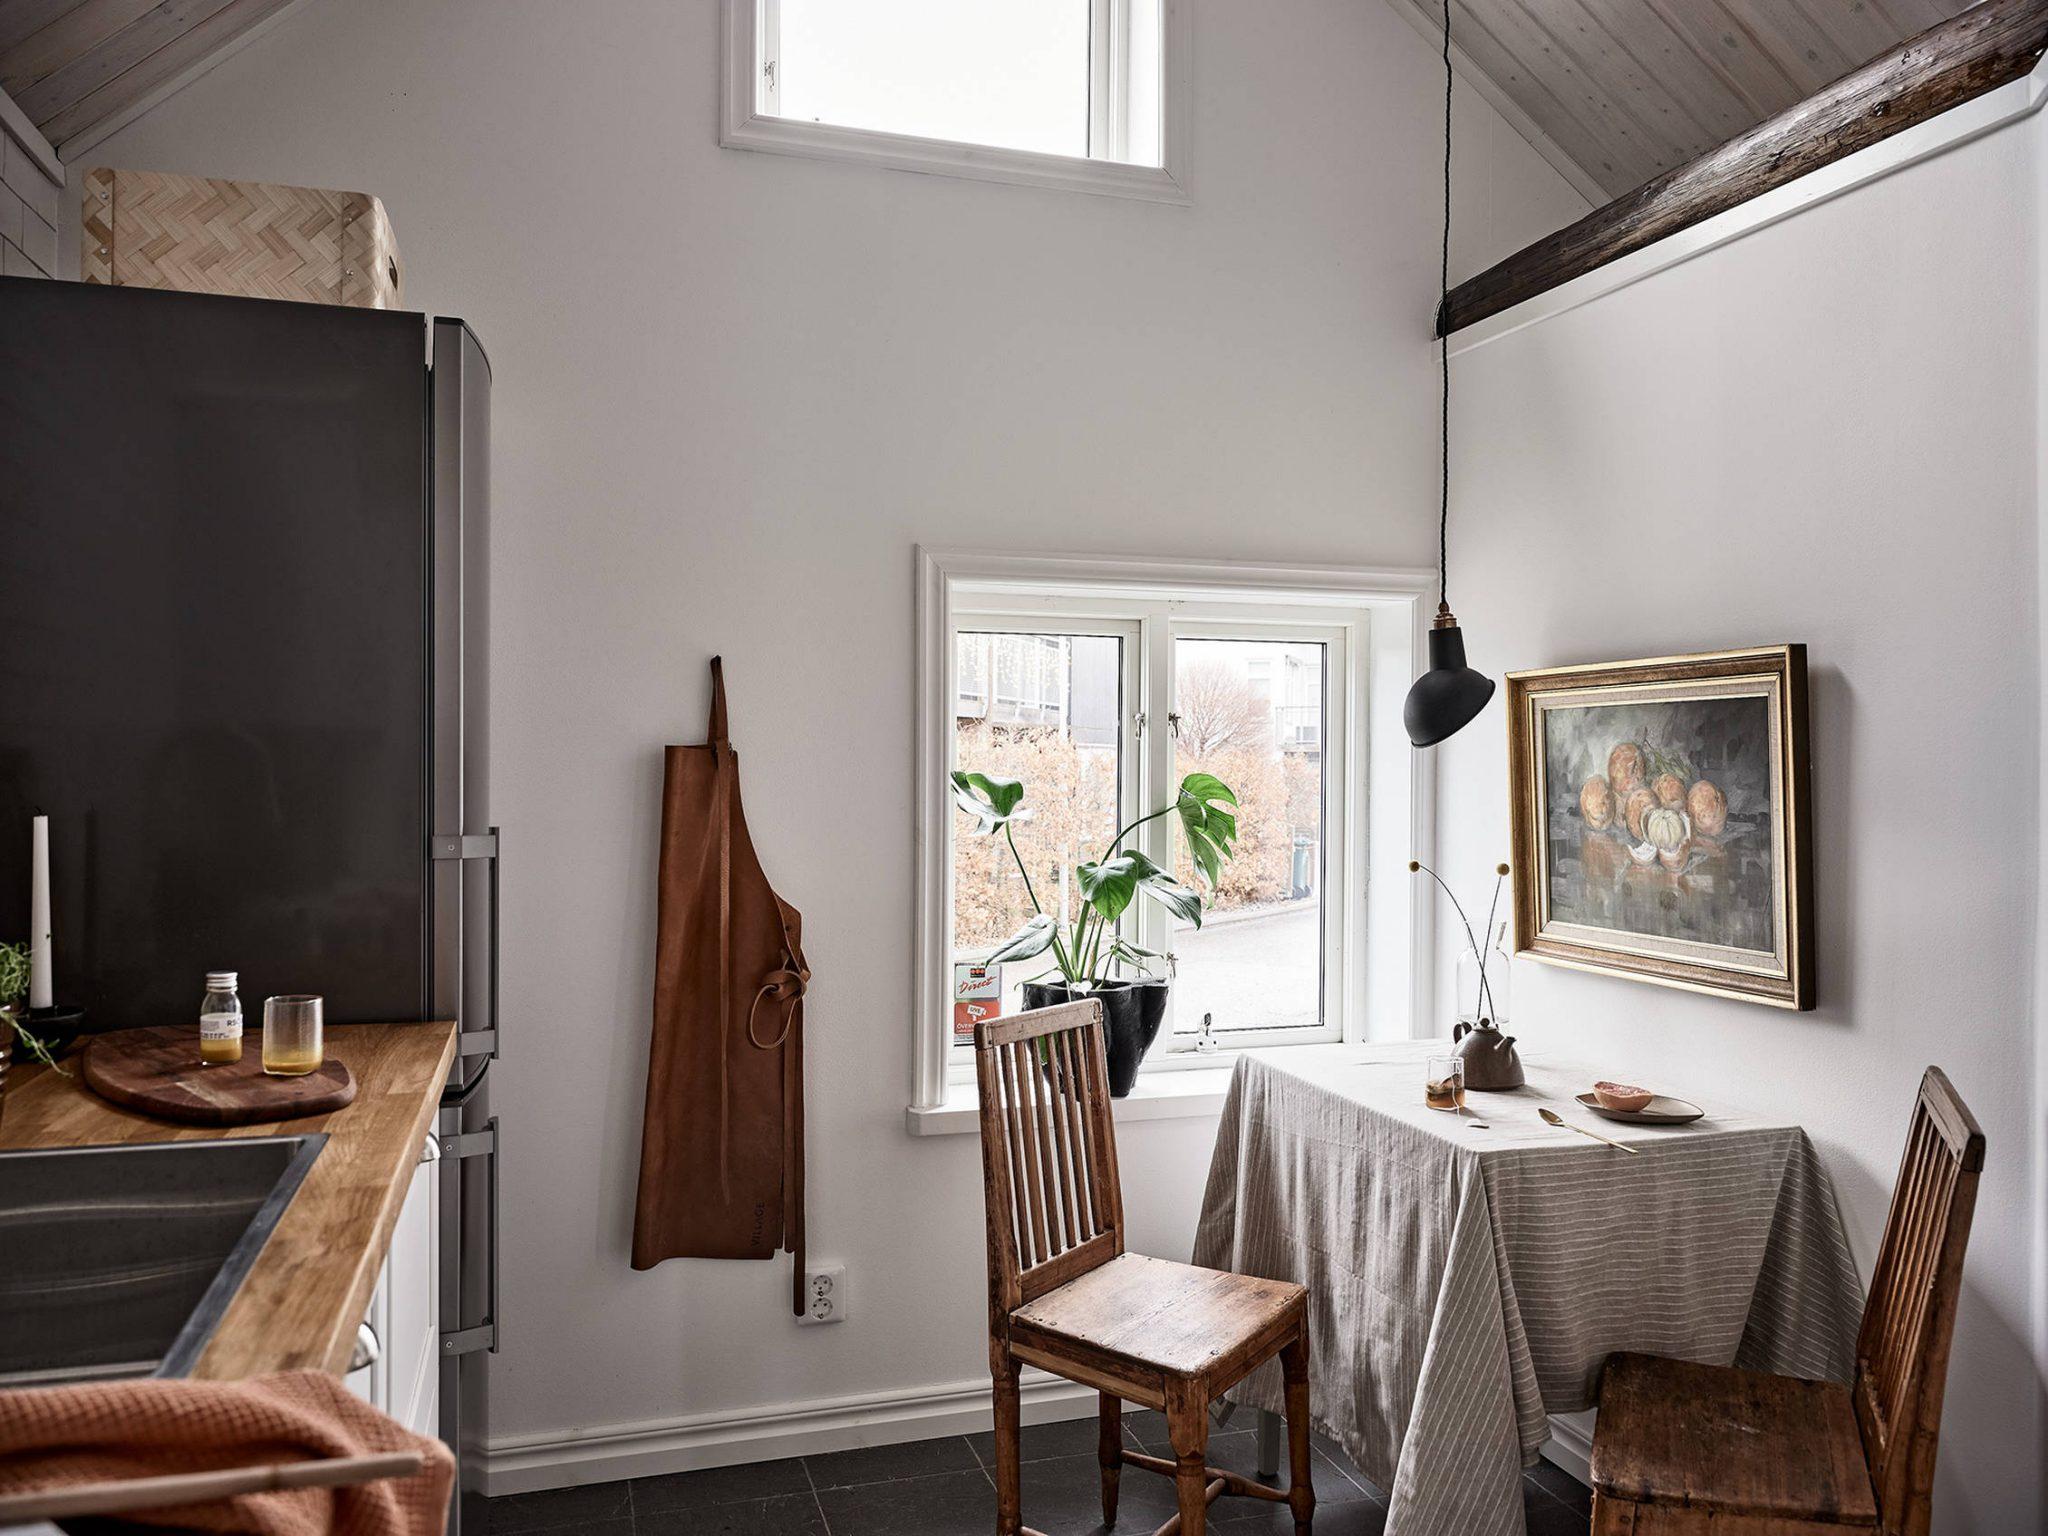 Tavan înclinat și decor rusti scandinav într o casă din Suedia 15